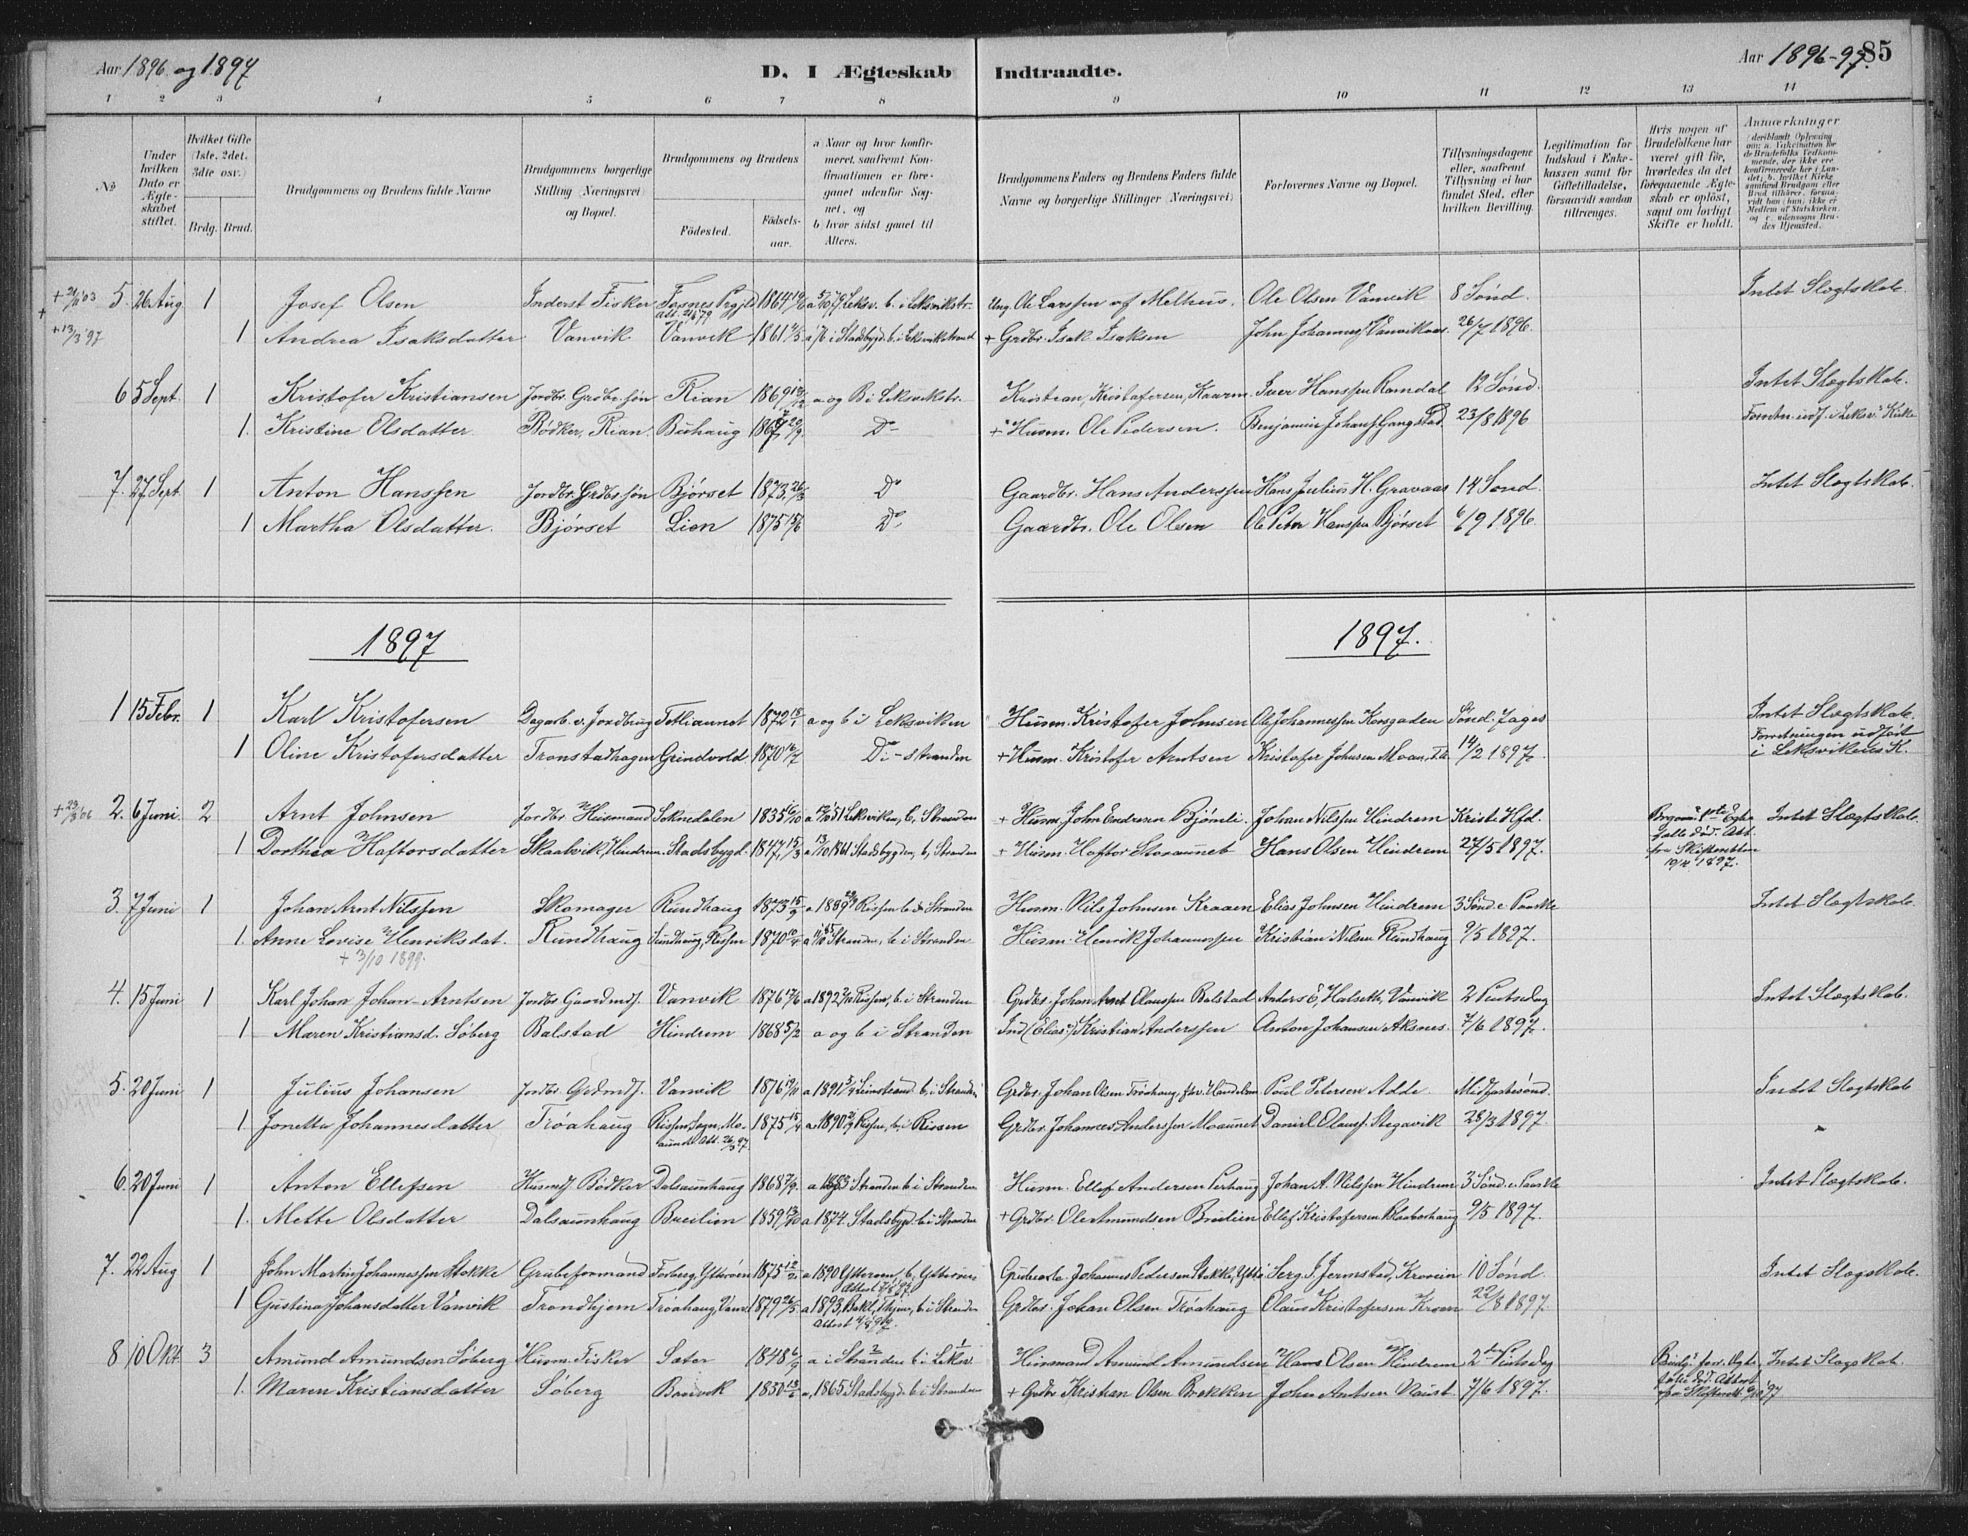 SAT, Ministerialprotokoller, klokkerbøker og fødselsregistre - Nord-Trøndelag, 702/L0023: Ministerialbok nr. 702A01, 1883-1897, s. 85